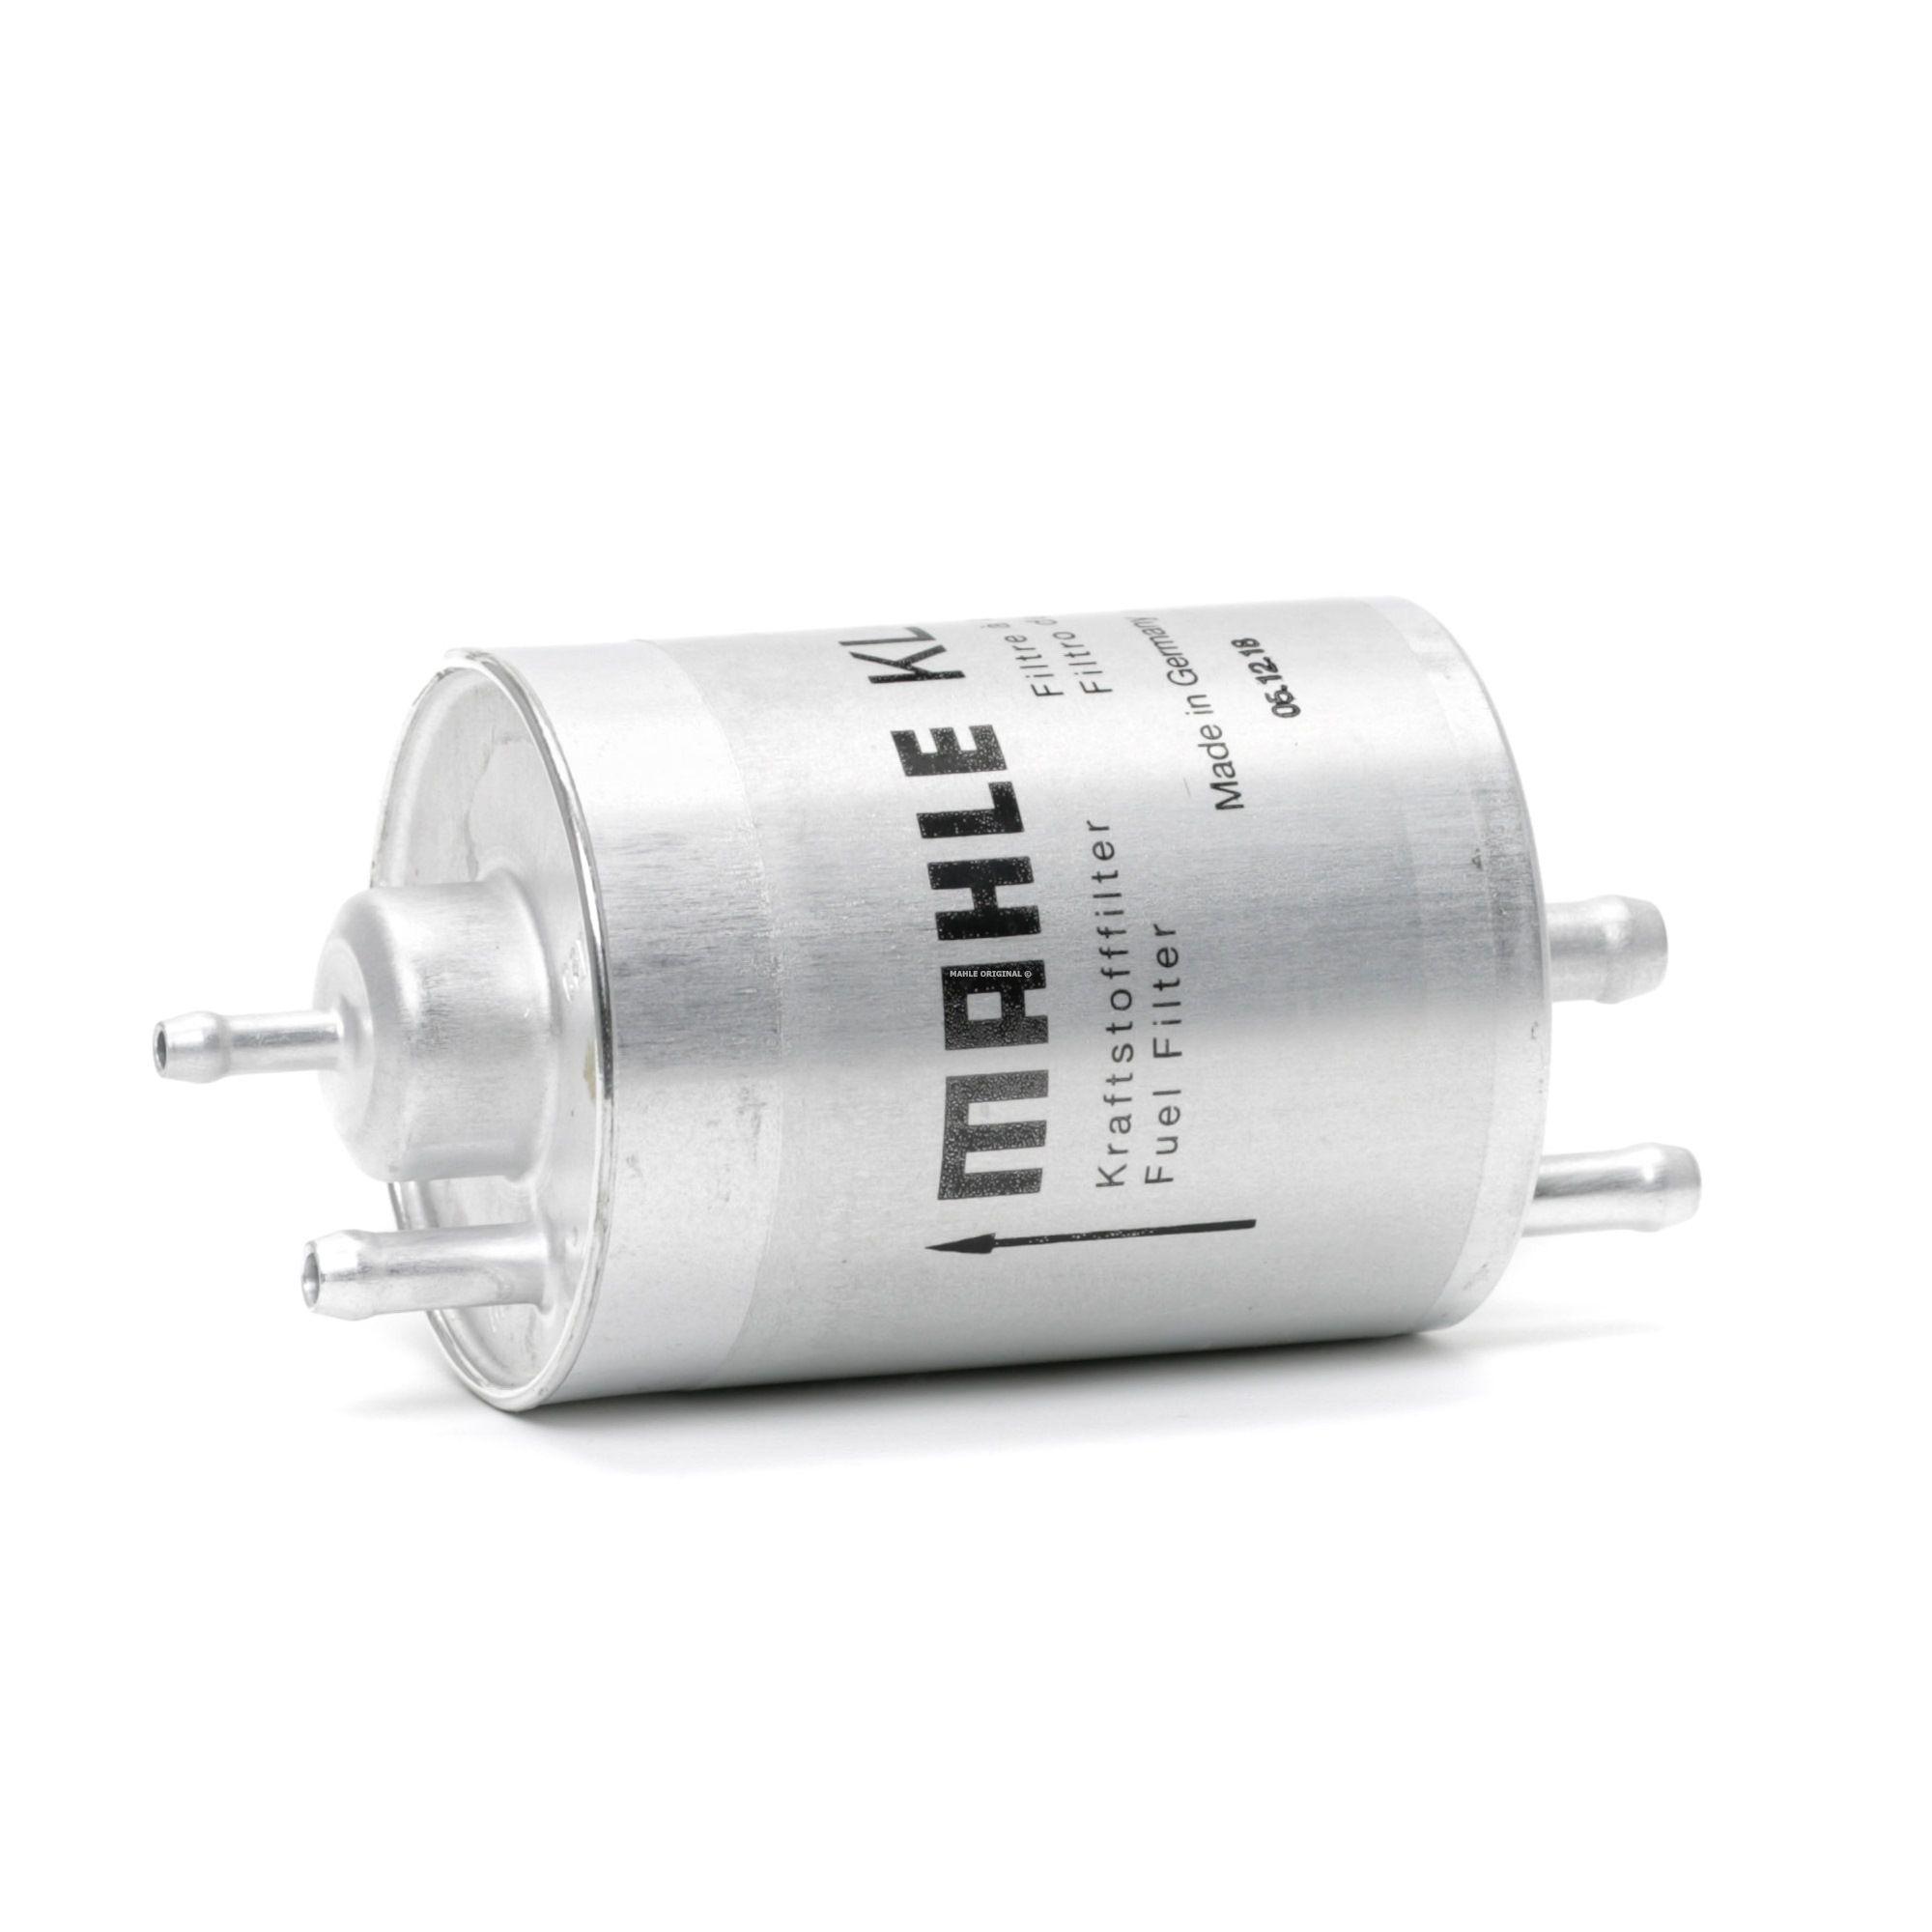 CHRYSLER Filtre à carburant d'Origine KL 82